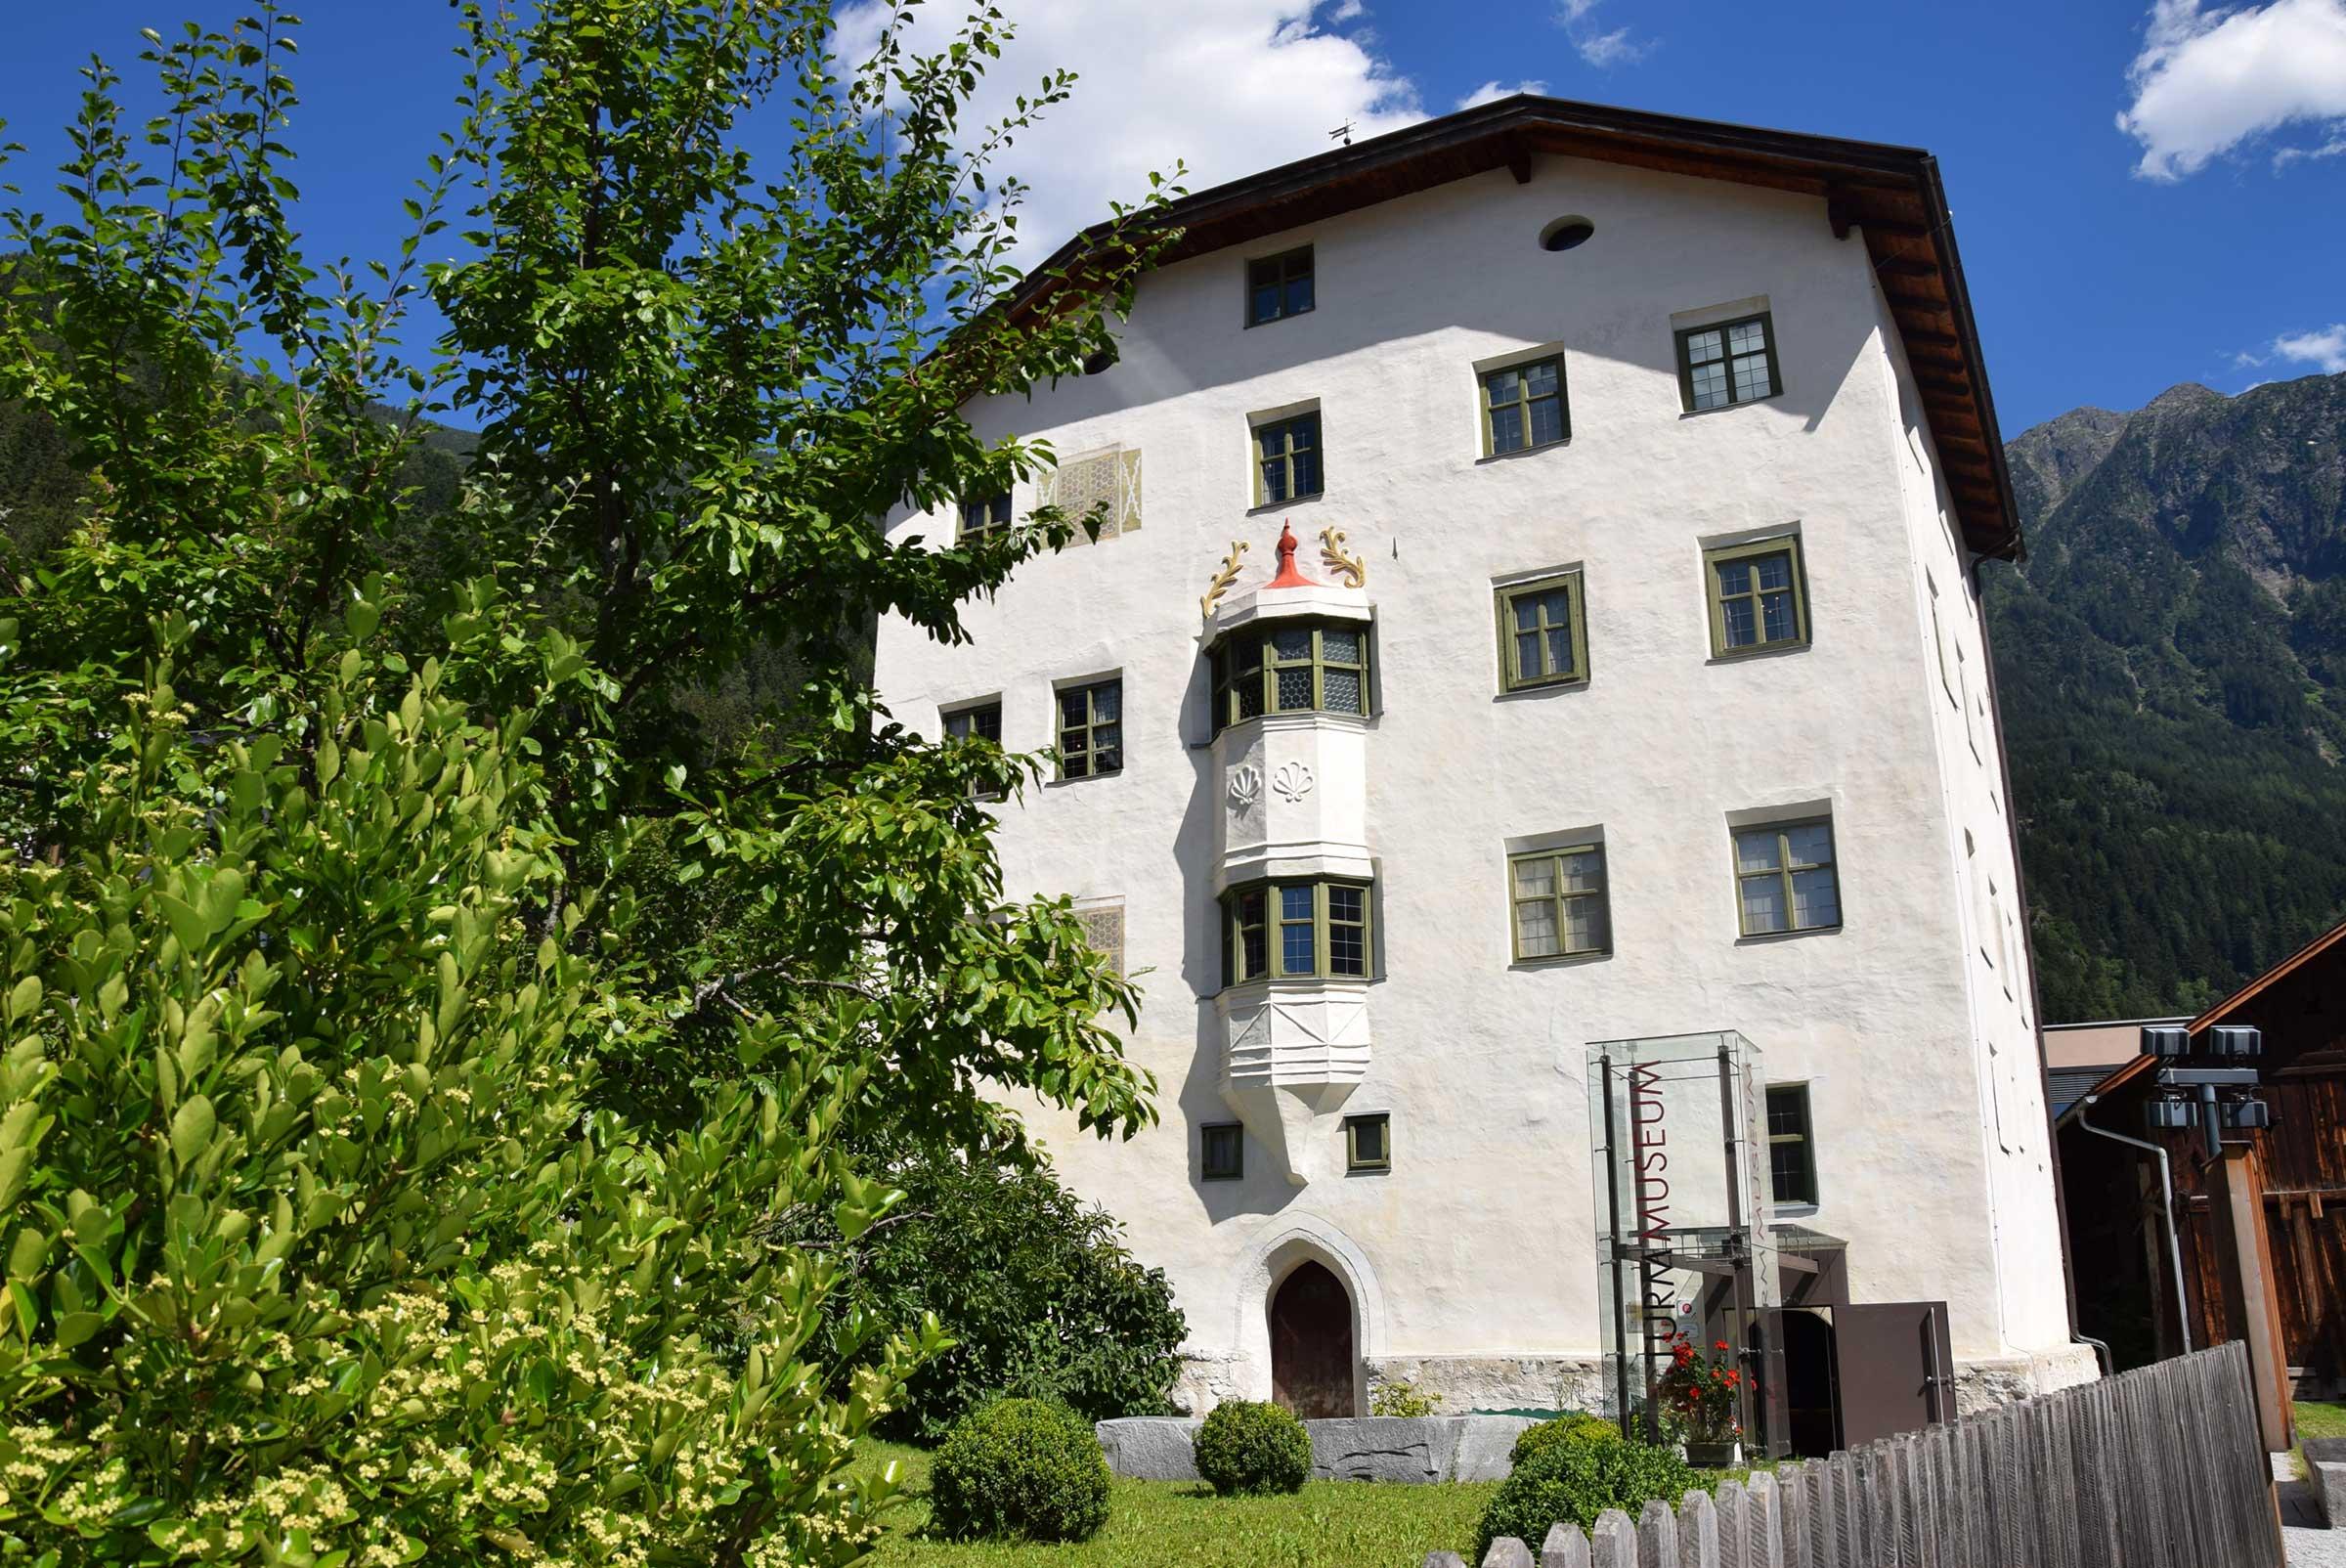 Turmmuseum in Oetz - Ötztaler Radweg